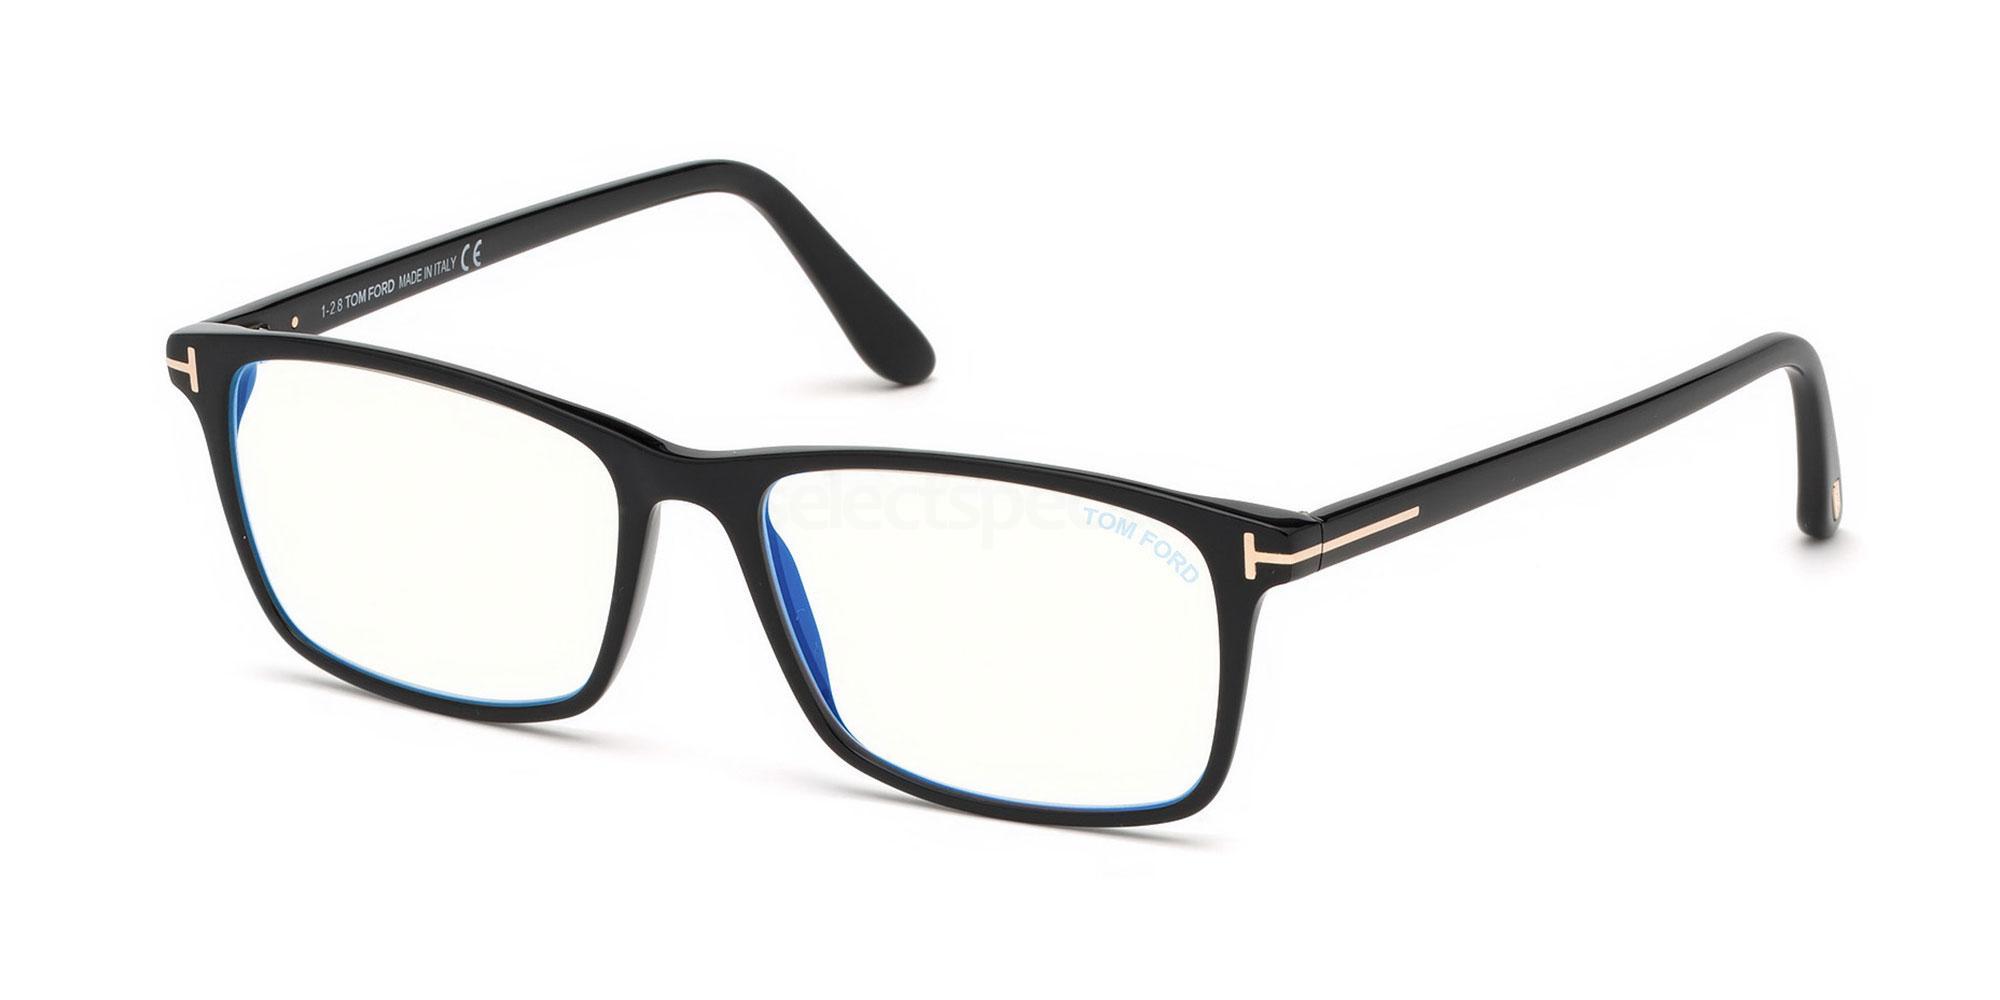 001 FT5584-B Glasses, Tom Ford